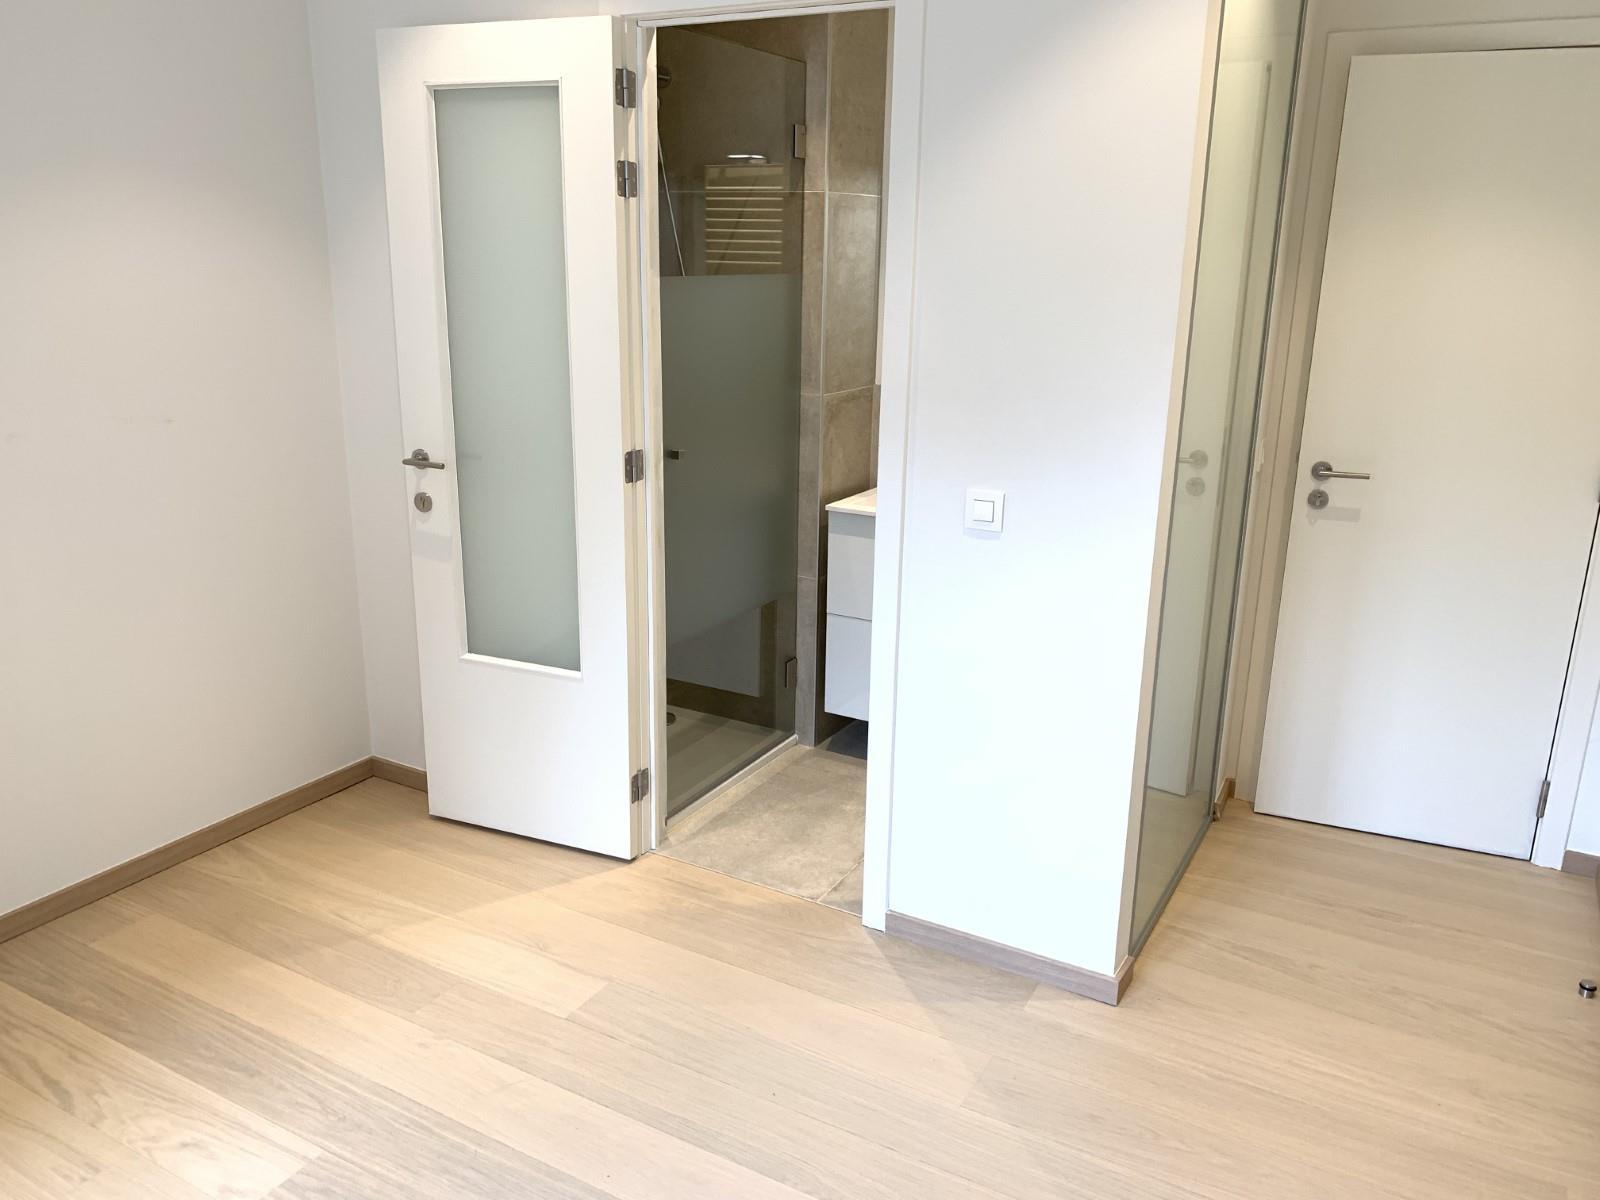 Appartement exceptionnel - Ixelles - #3915694-11